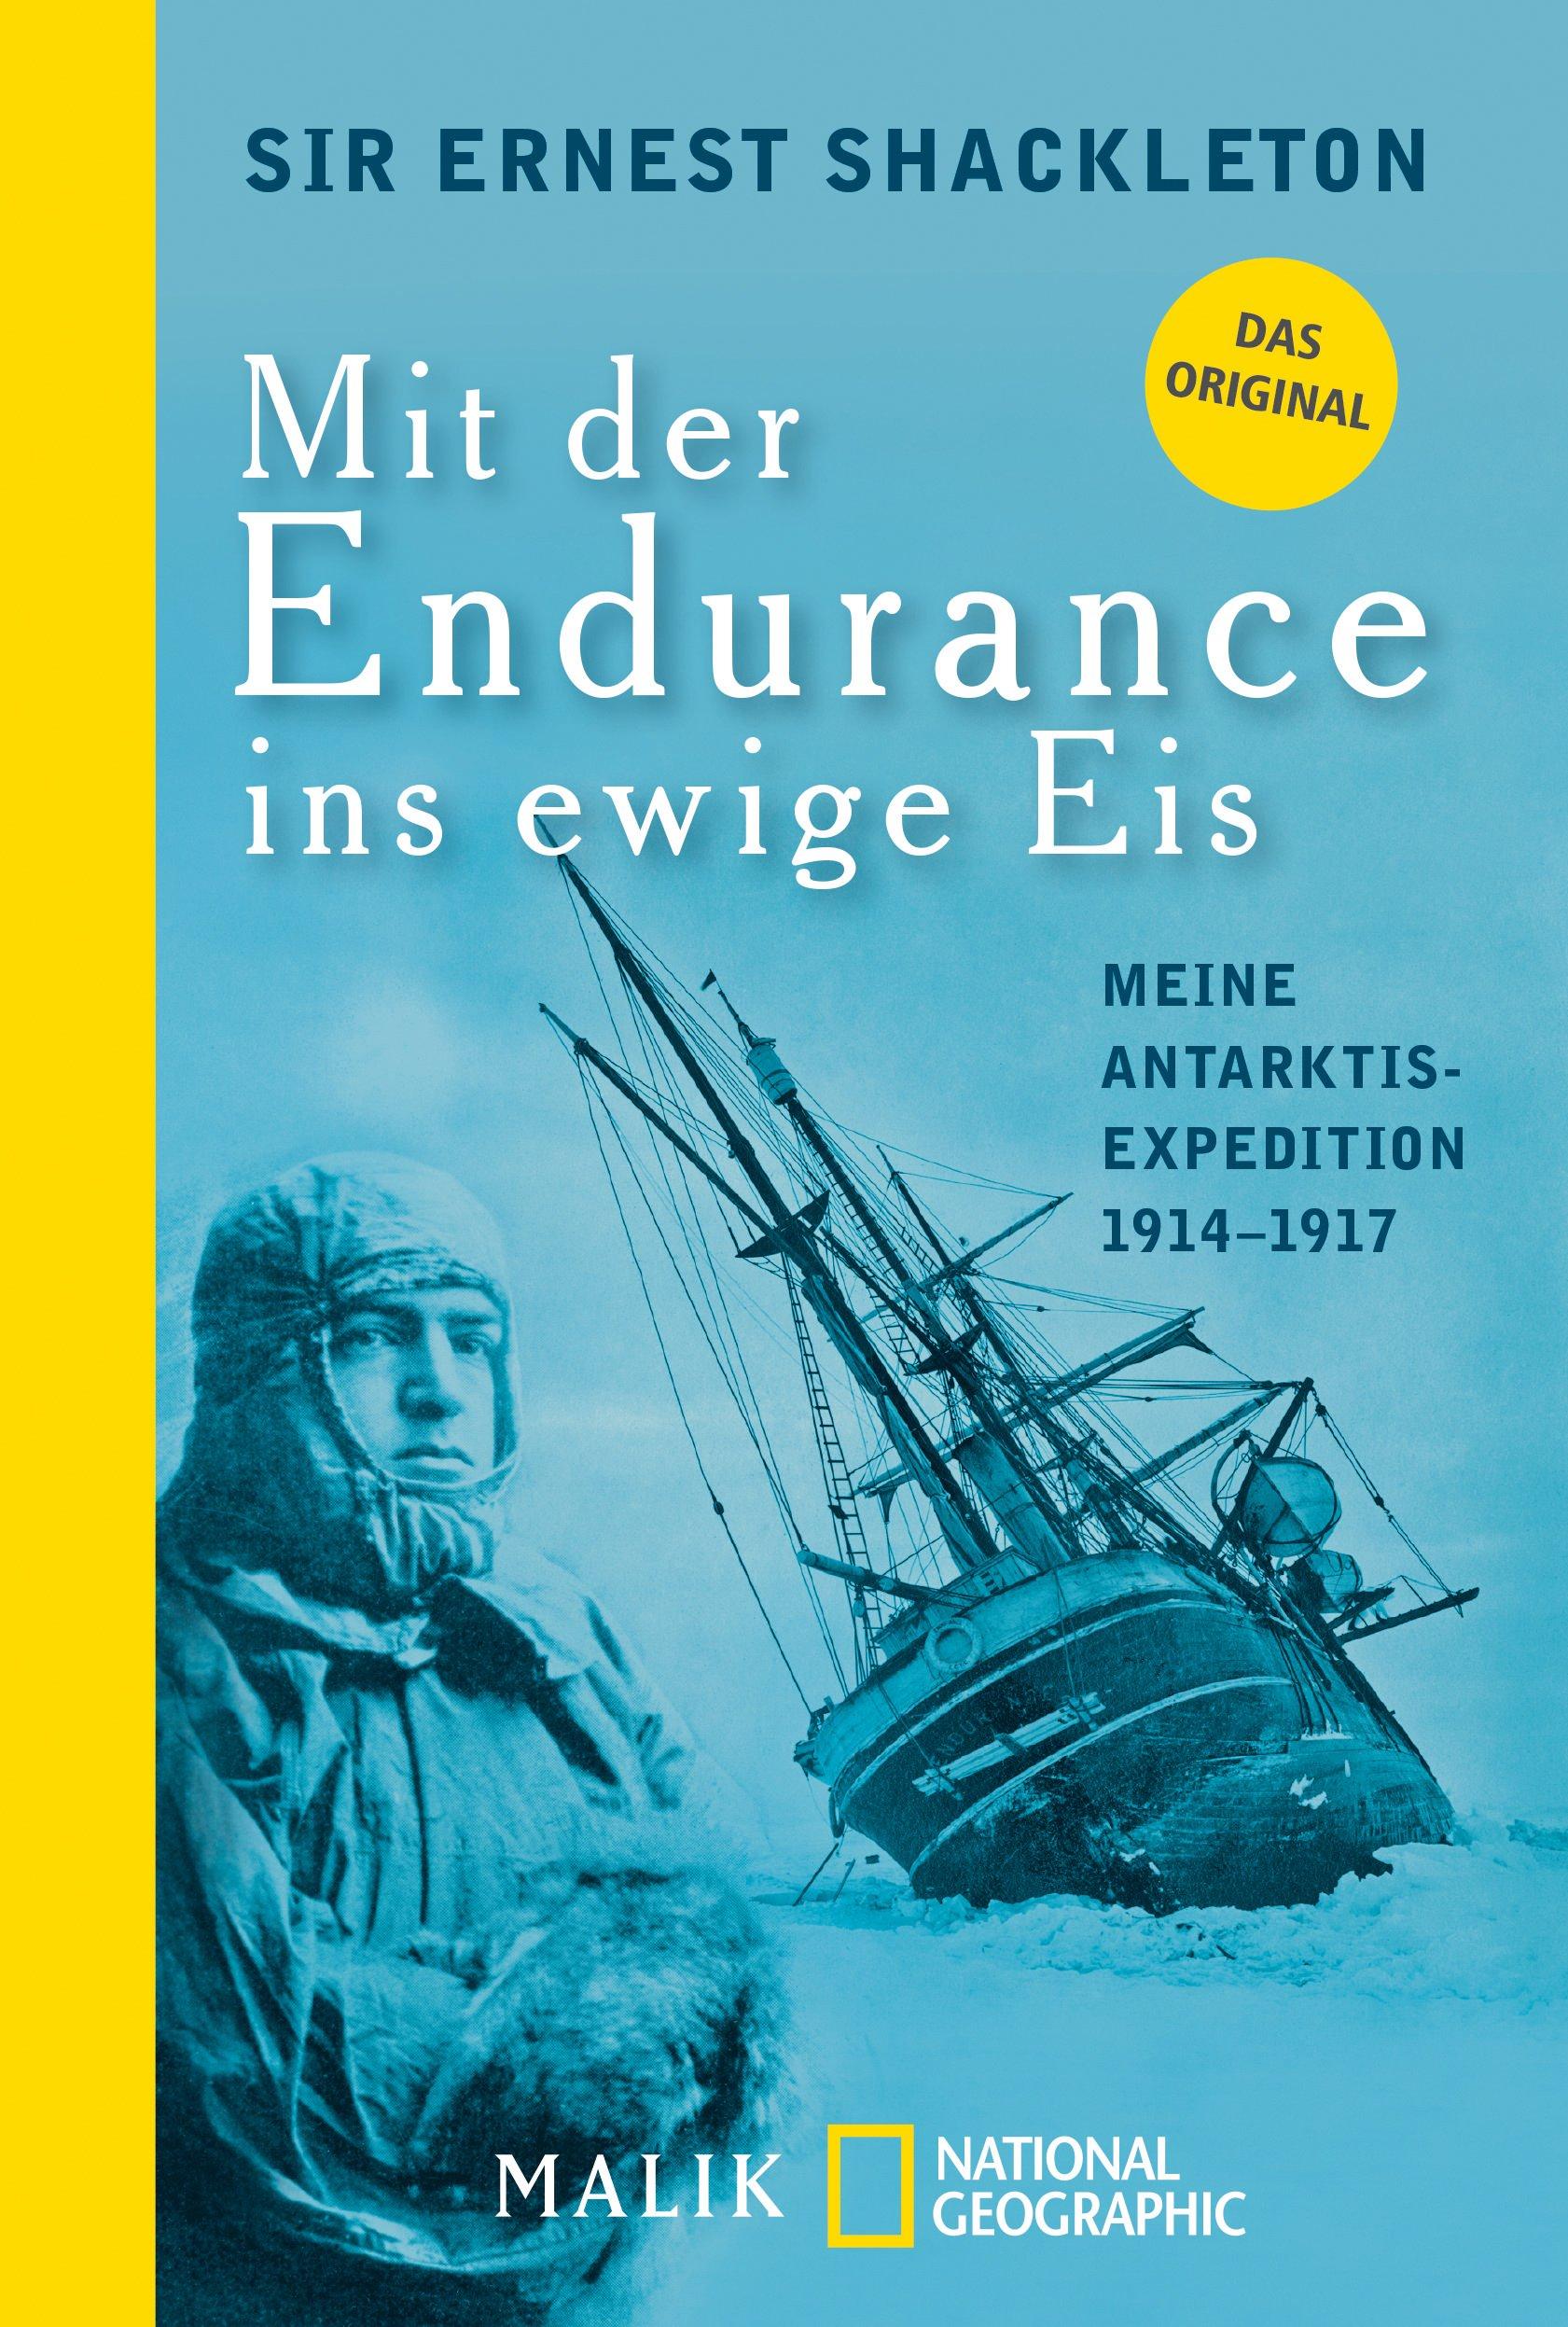 Mit der Endurance ins ewige Eis: Meine Antarktisexpedition 1914–1917 Taschenbuch – 1. Juli 2016 Ernest Shackleton Reinhold Messner NG Taschenbuch 3492405975